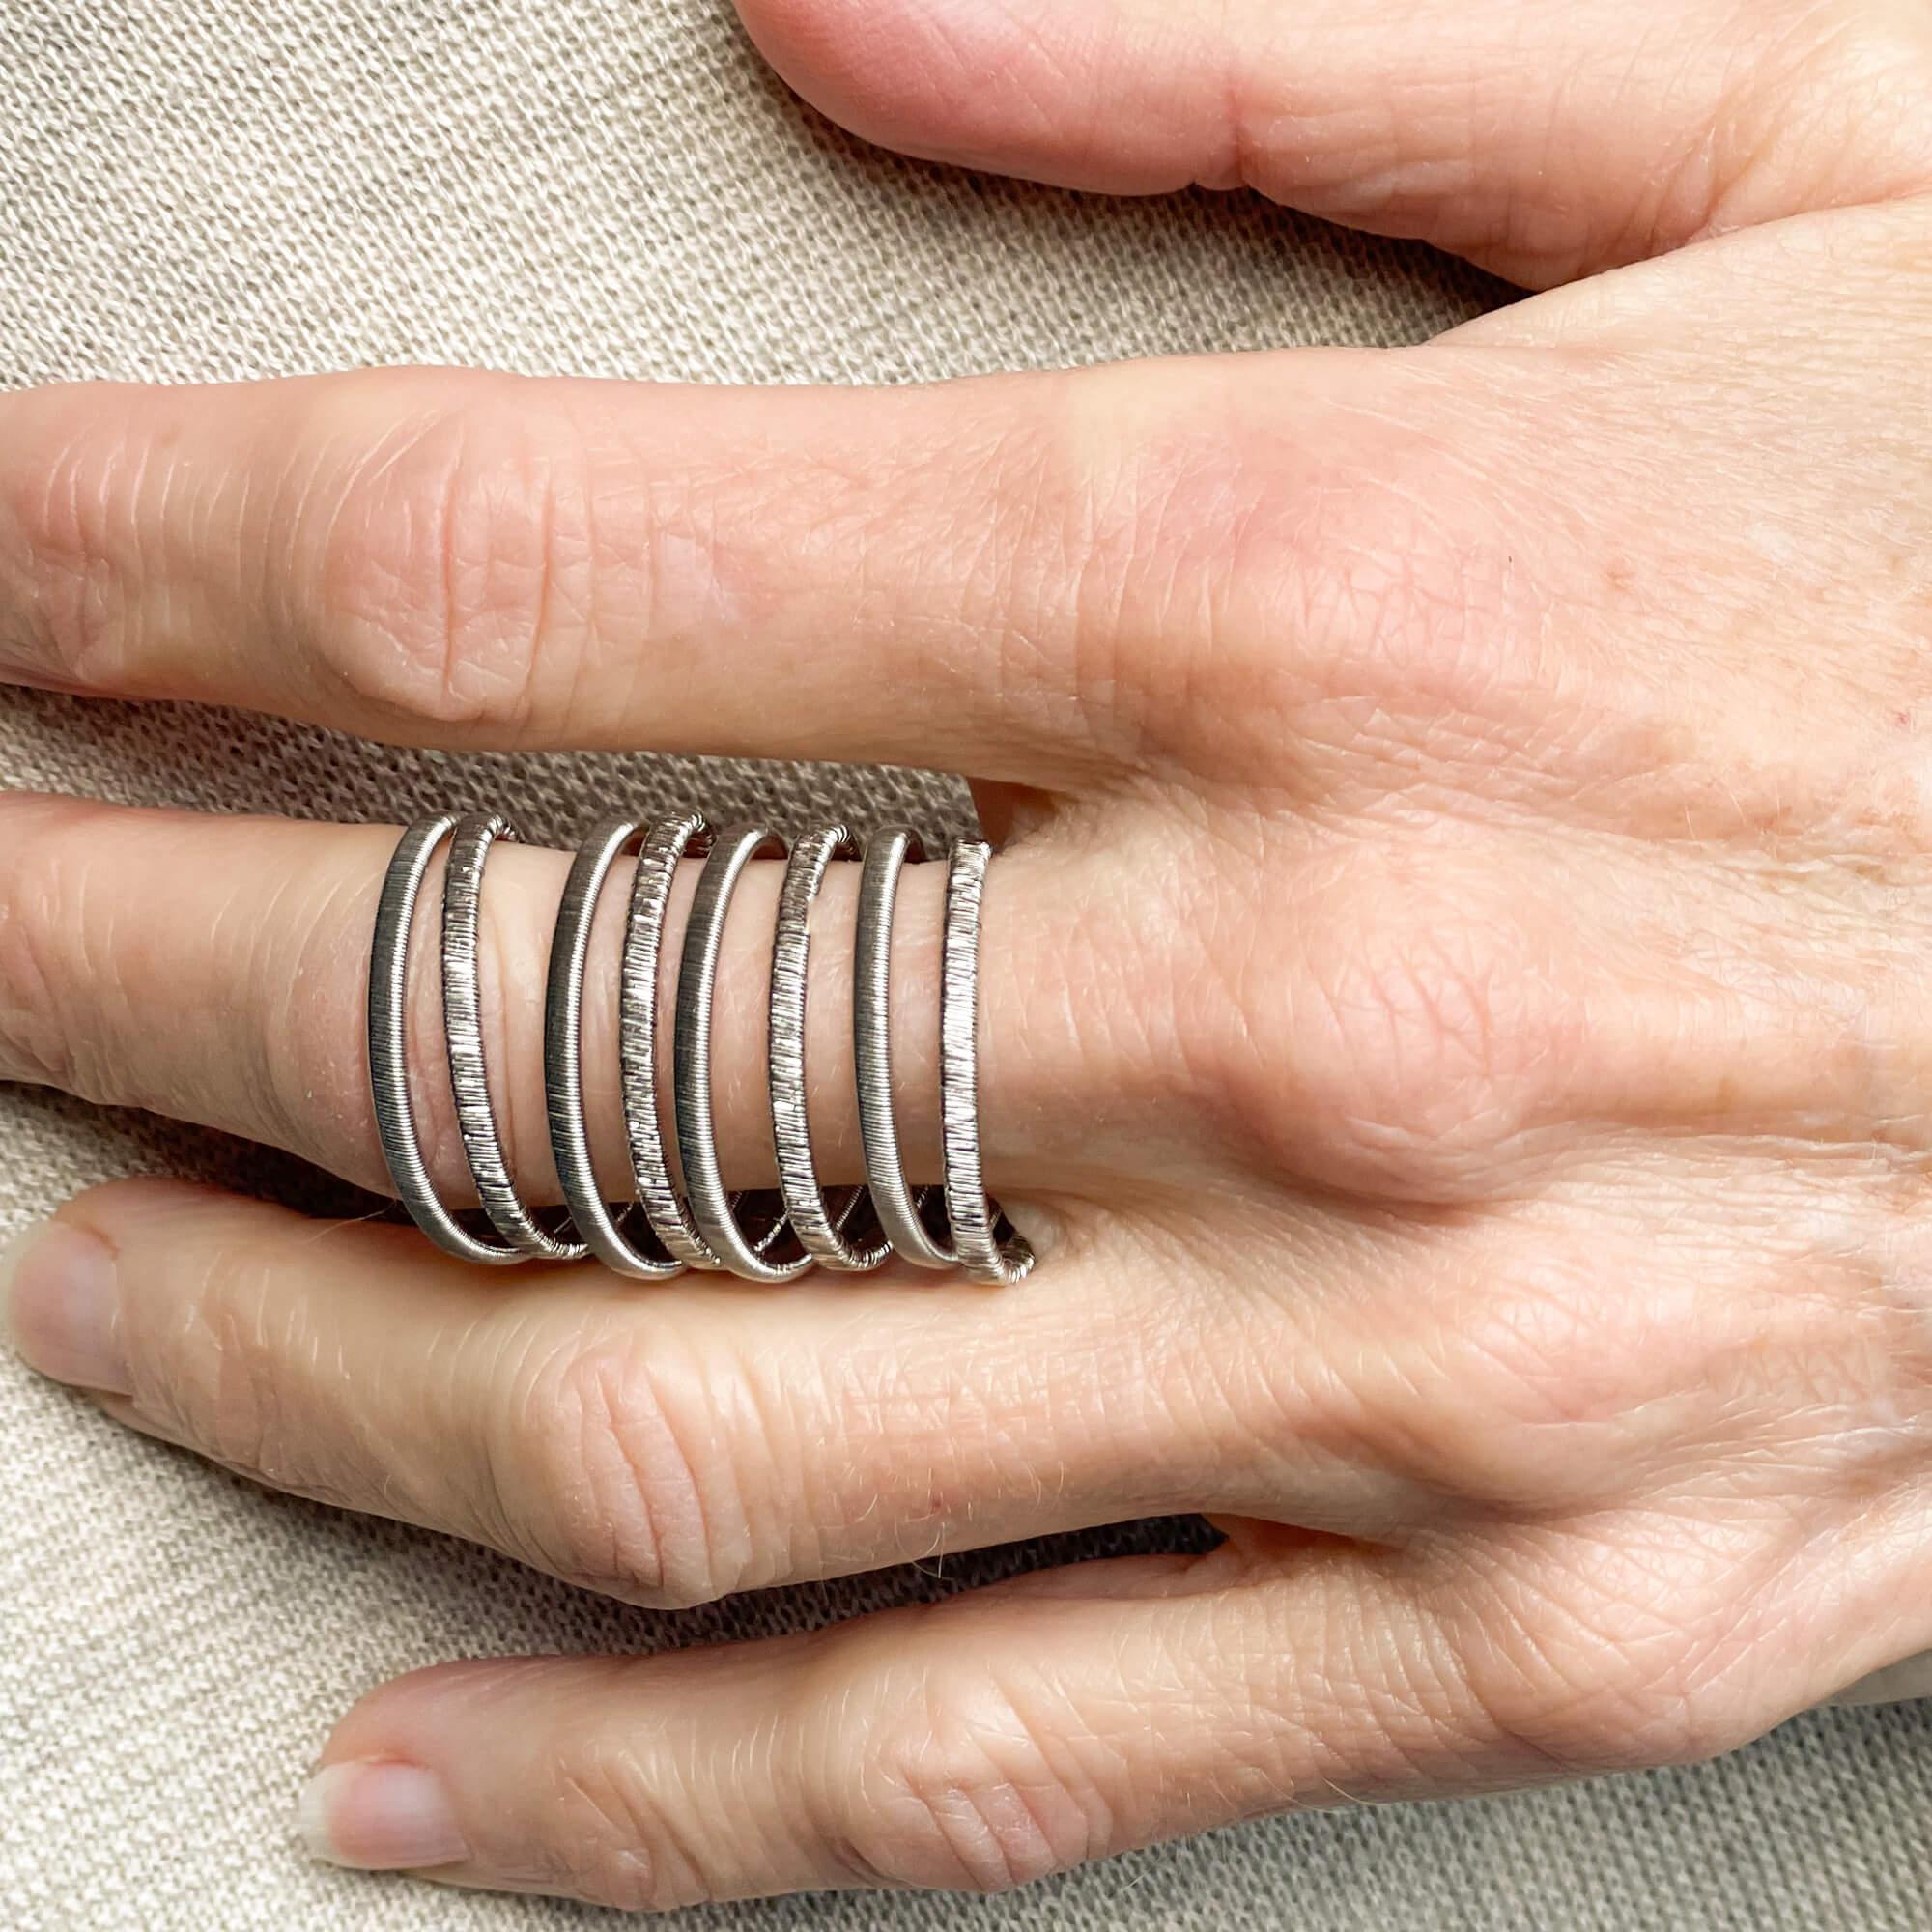 Als u op zoek bent naar een origineel sieraad voor de hedendaagse vrouw, dan is dit de geschikte zilveren en 8 gesleepte ring; De lengte is 3 cm. Ook verkrijgbaar in de vergulde en bijpassende oorbellen; ketting en armband voltooien de foto